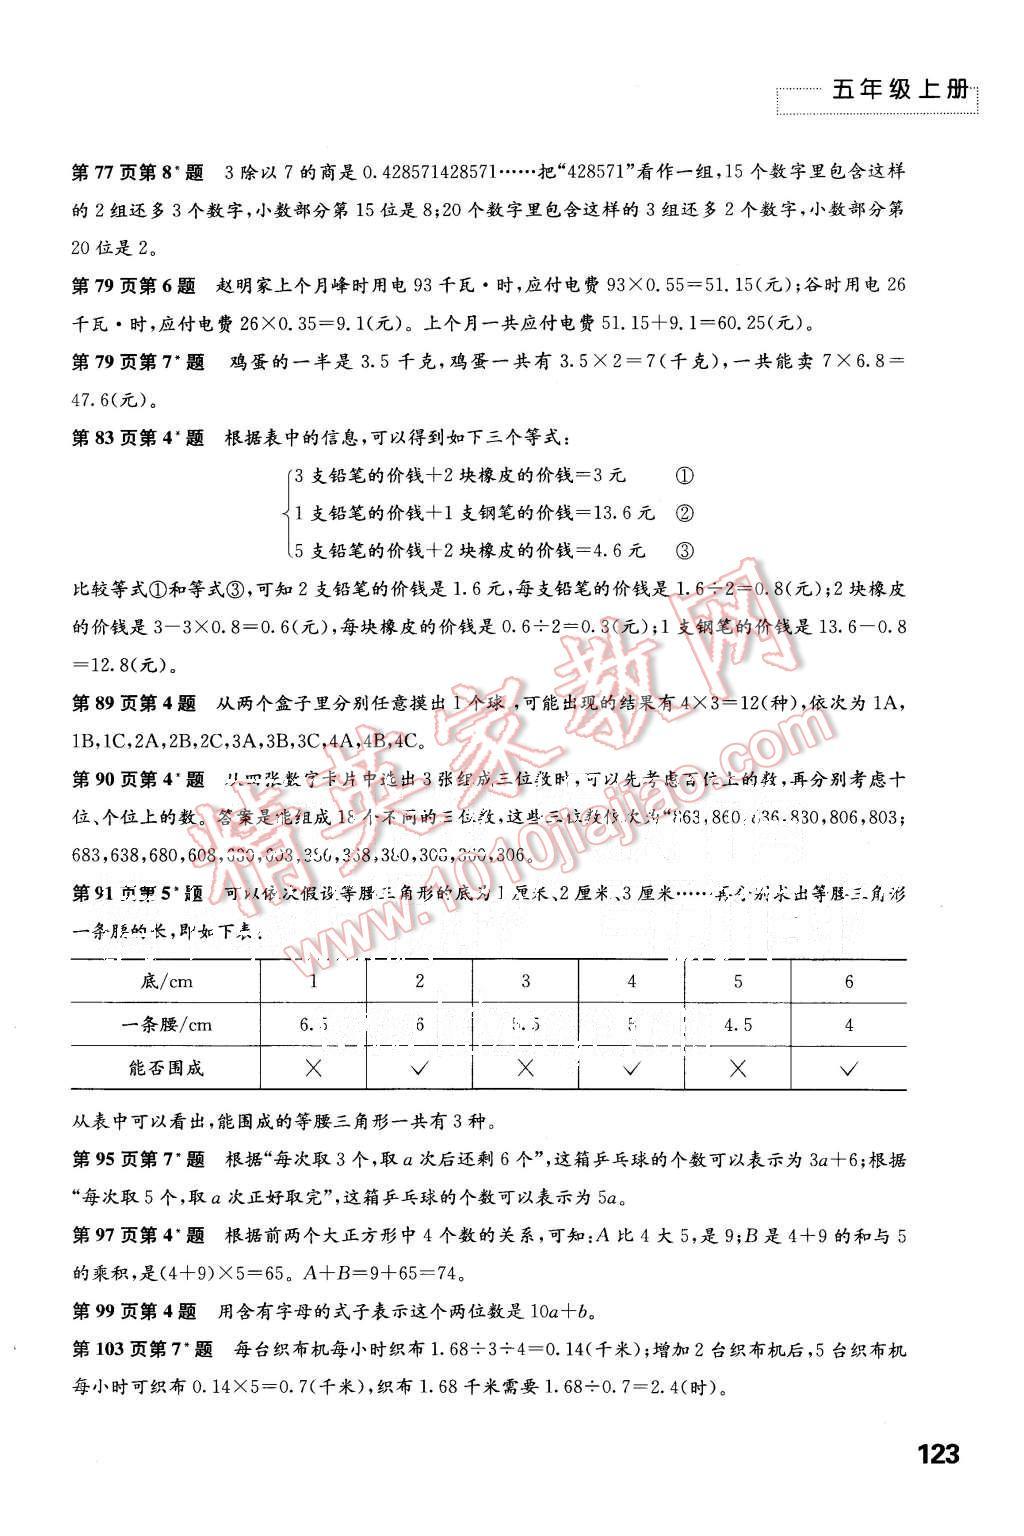 2015年练习与测试小学数学五年级上册苏教版第3页